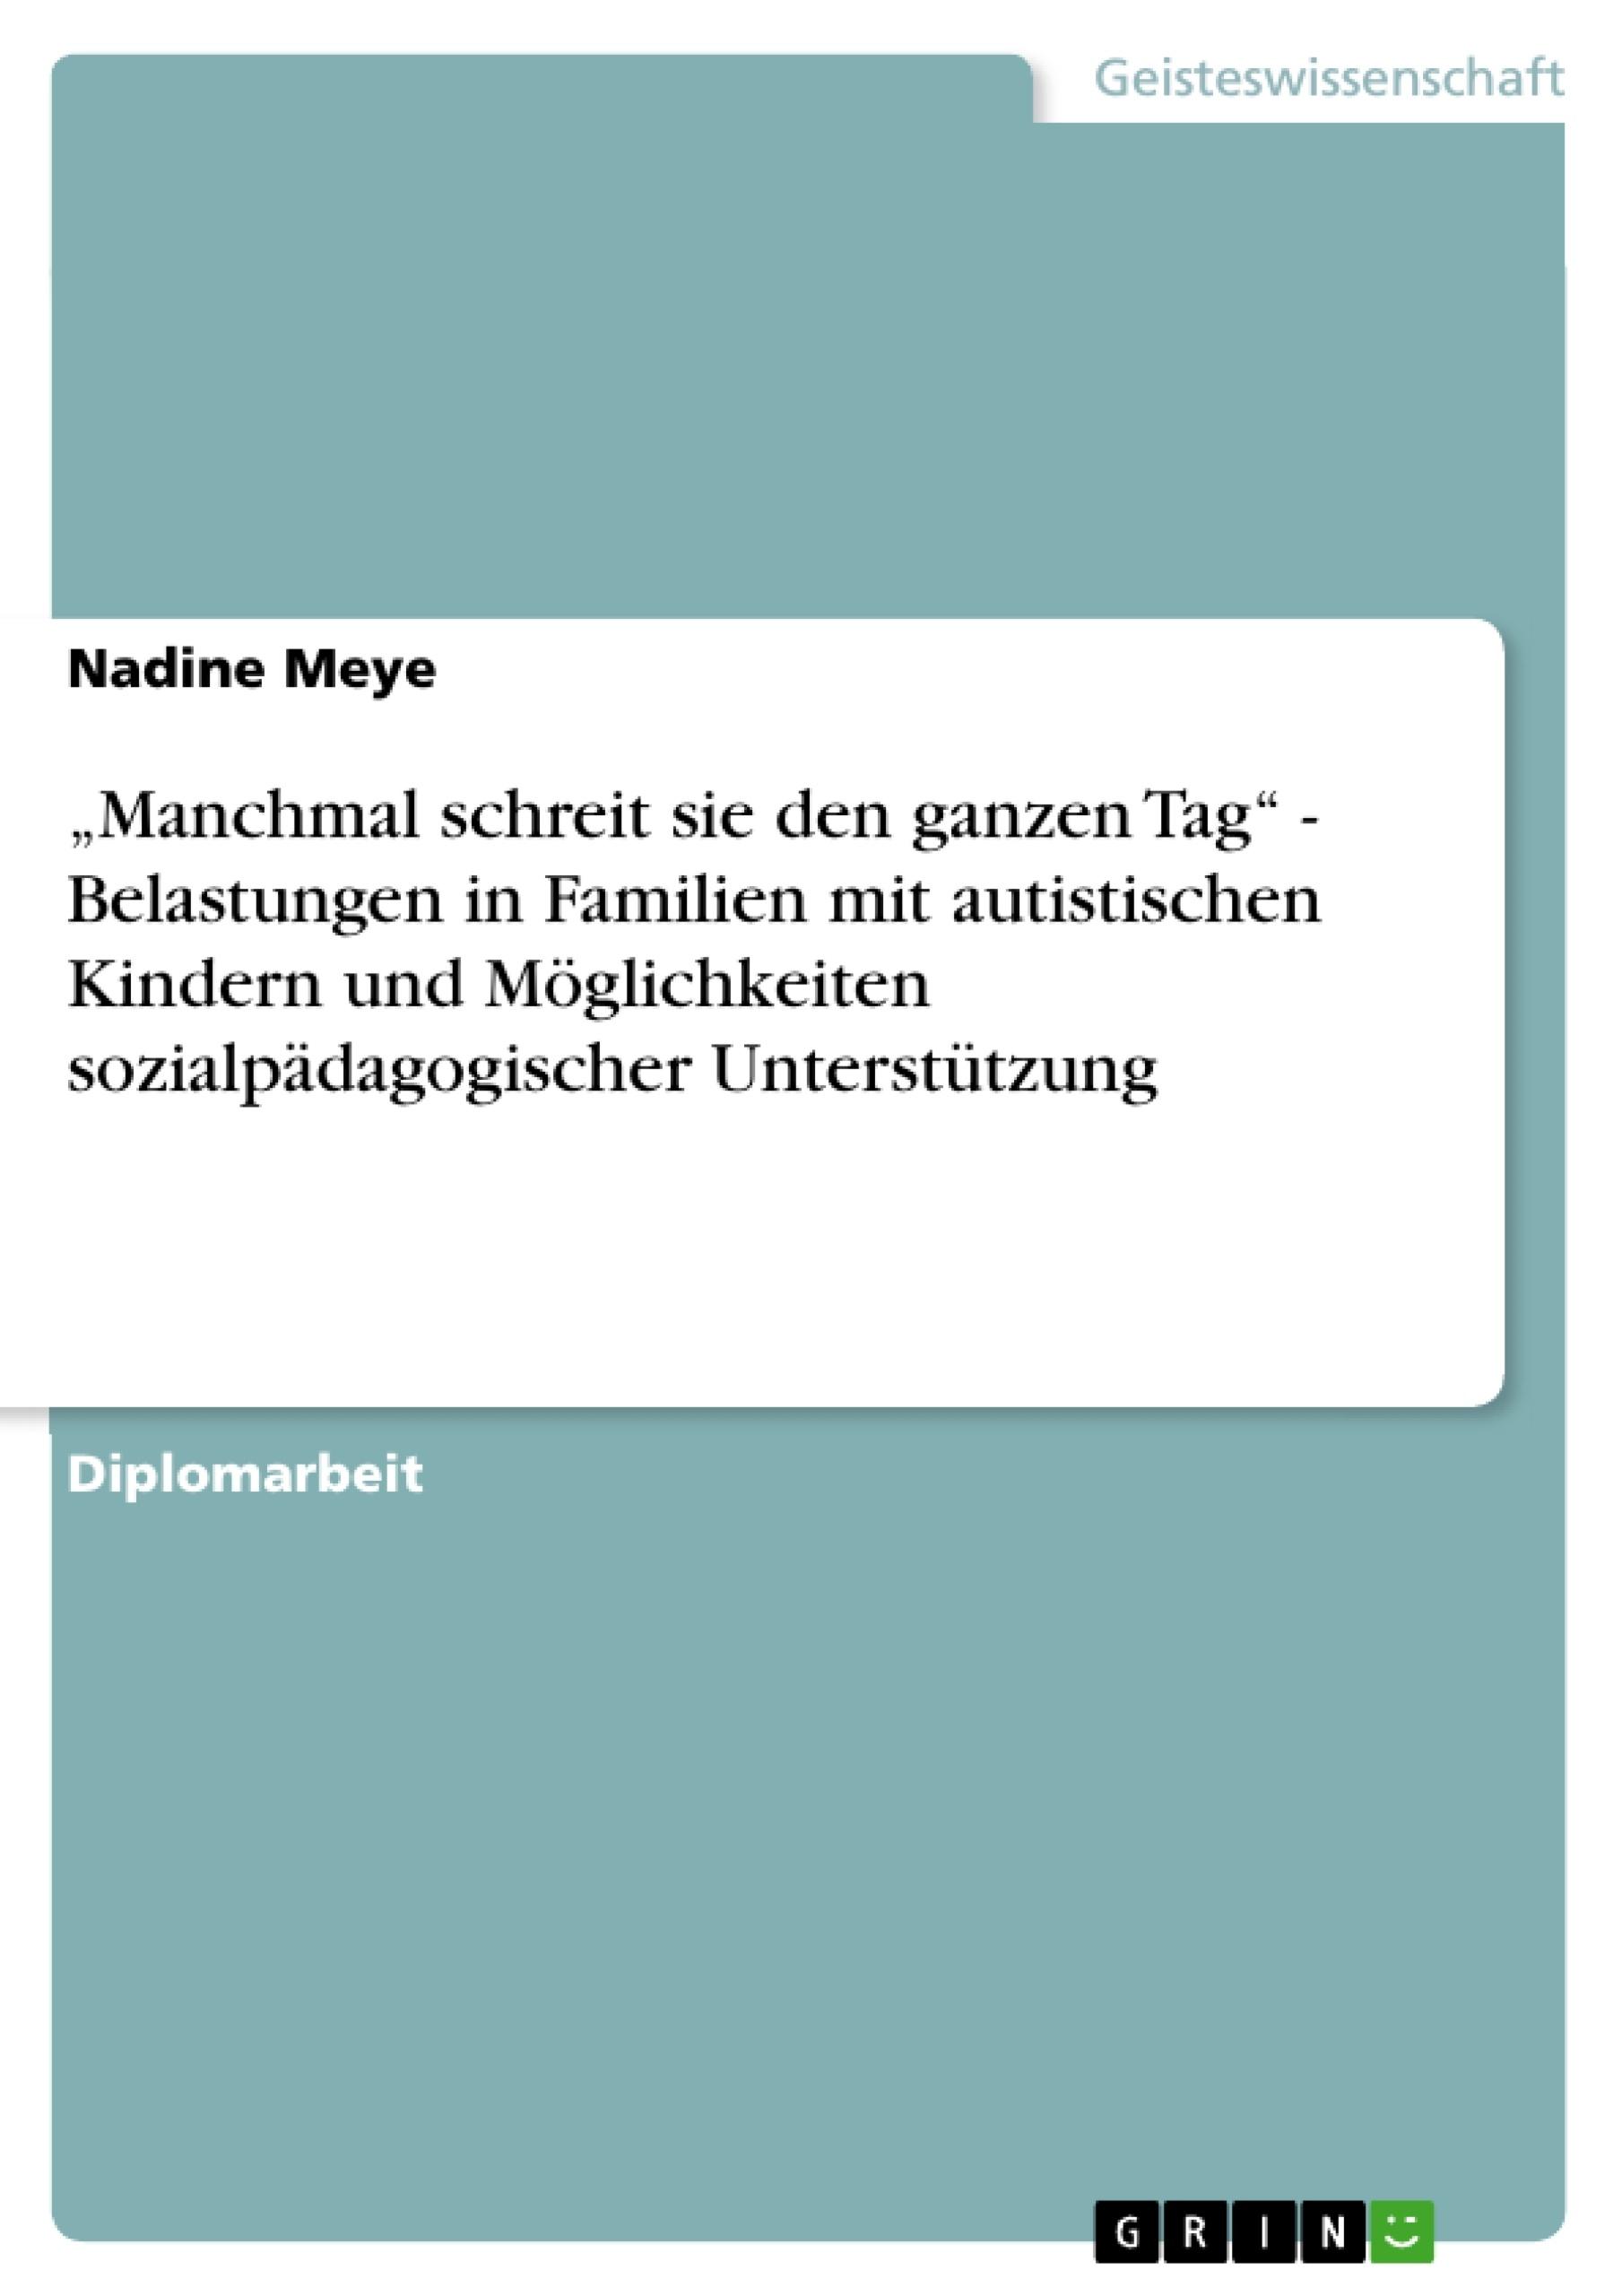 """Titel: """"Manchmal schreit sie den ganzen Tag"""" - Belastungen in Familien mit autistischen Kindern und Möglichkeiten sozialpädagogischer Unterstützung"""